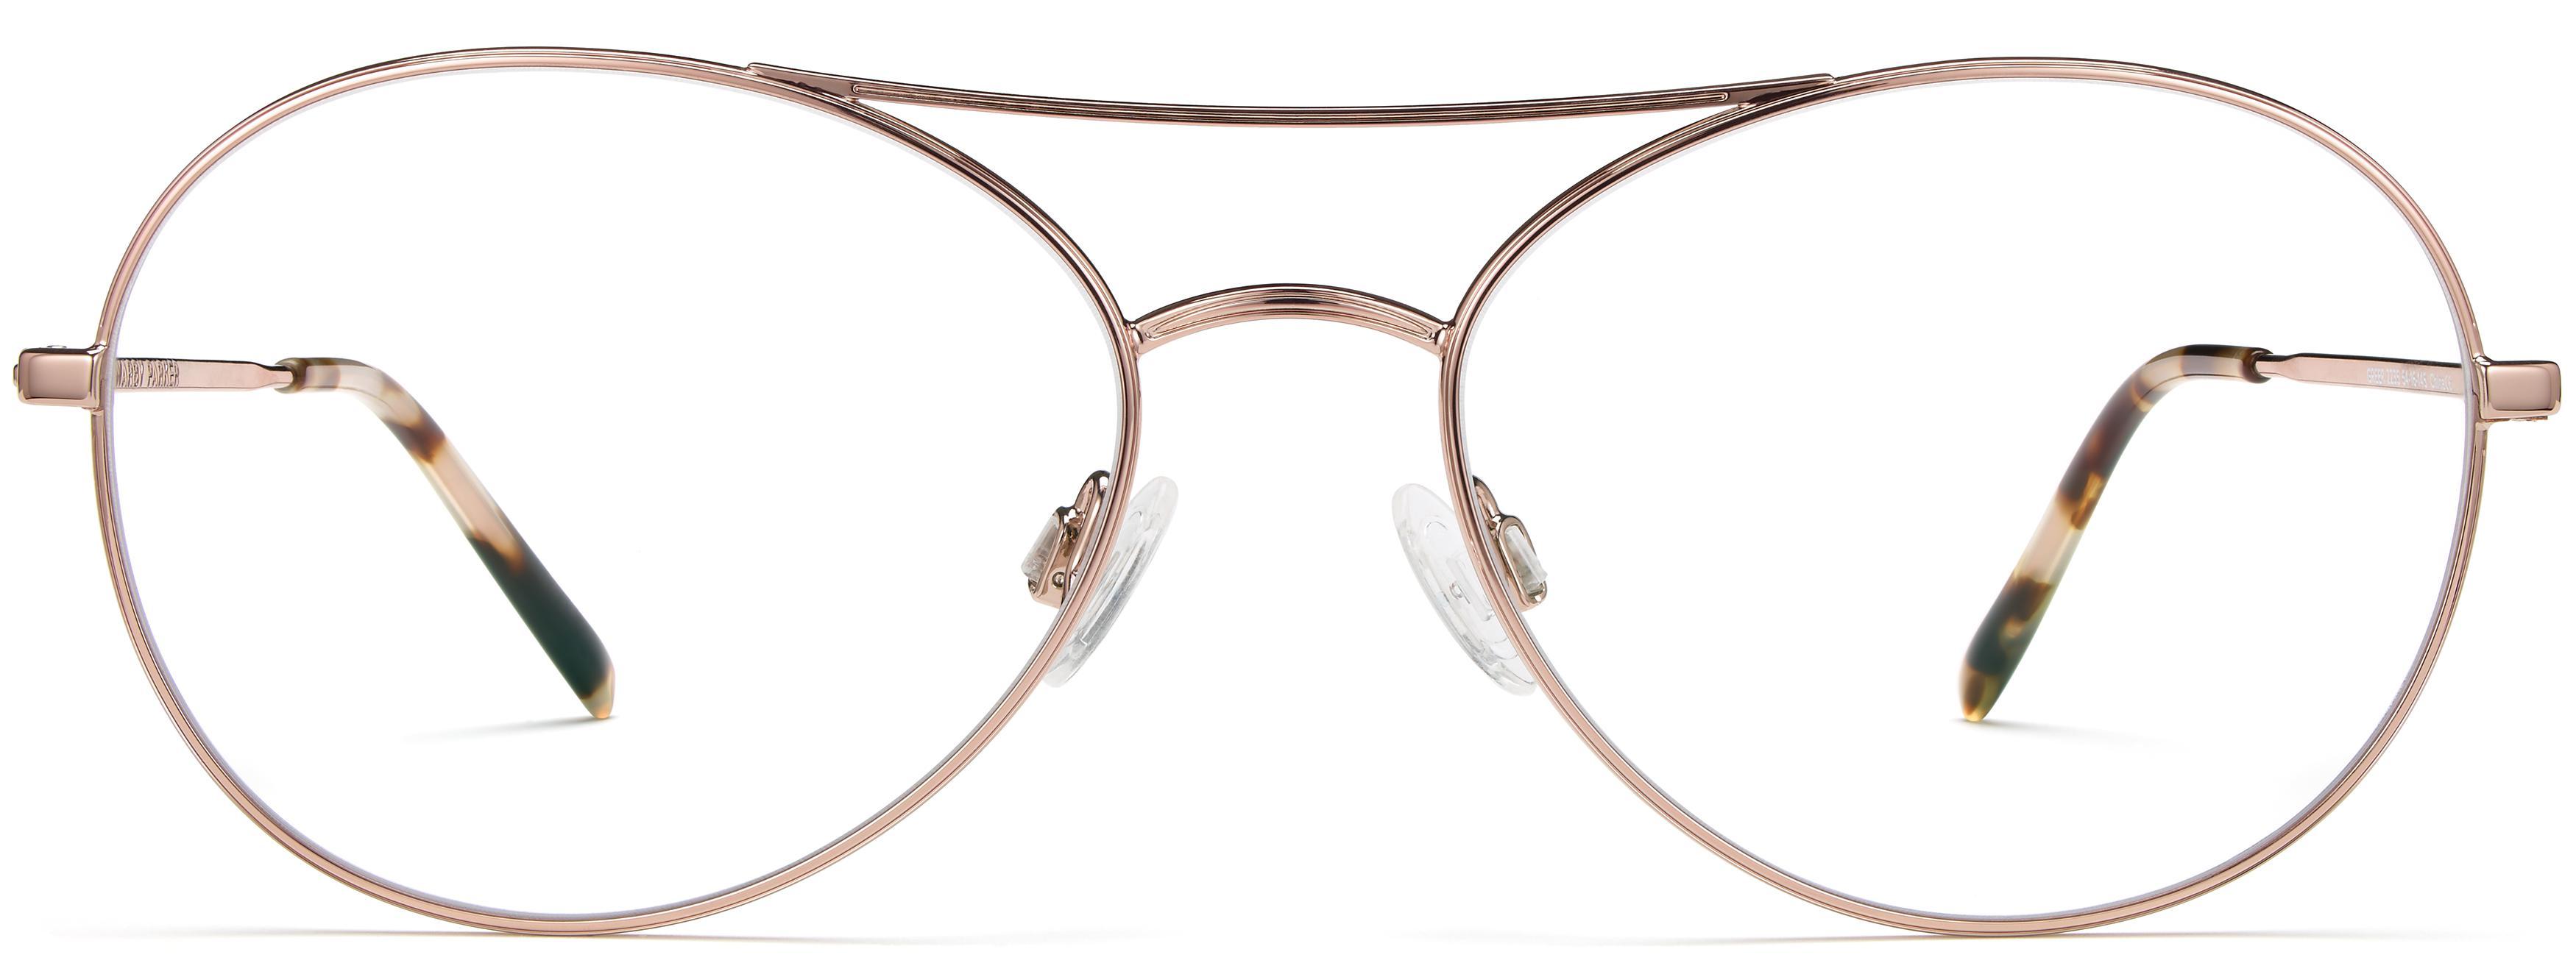 fc33c28e763 Women s Eyeglasses